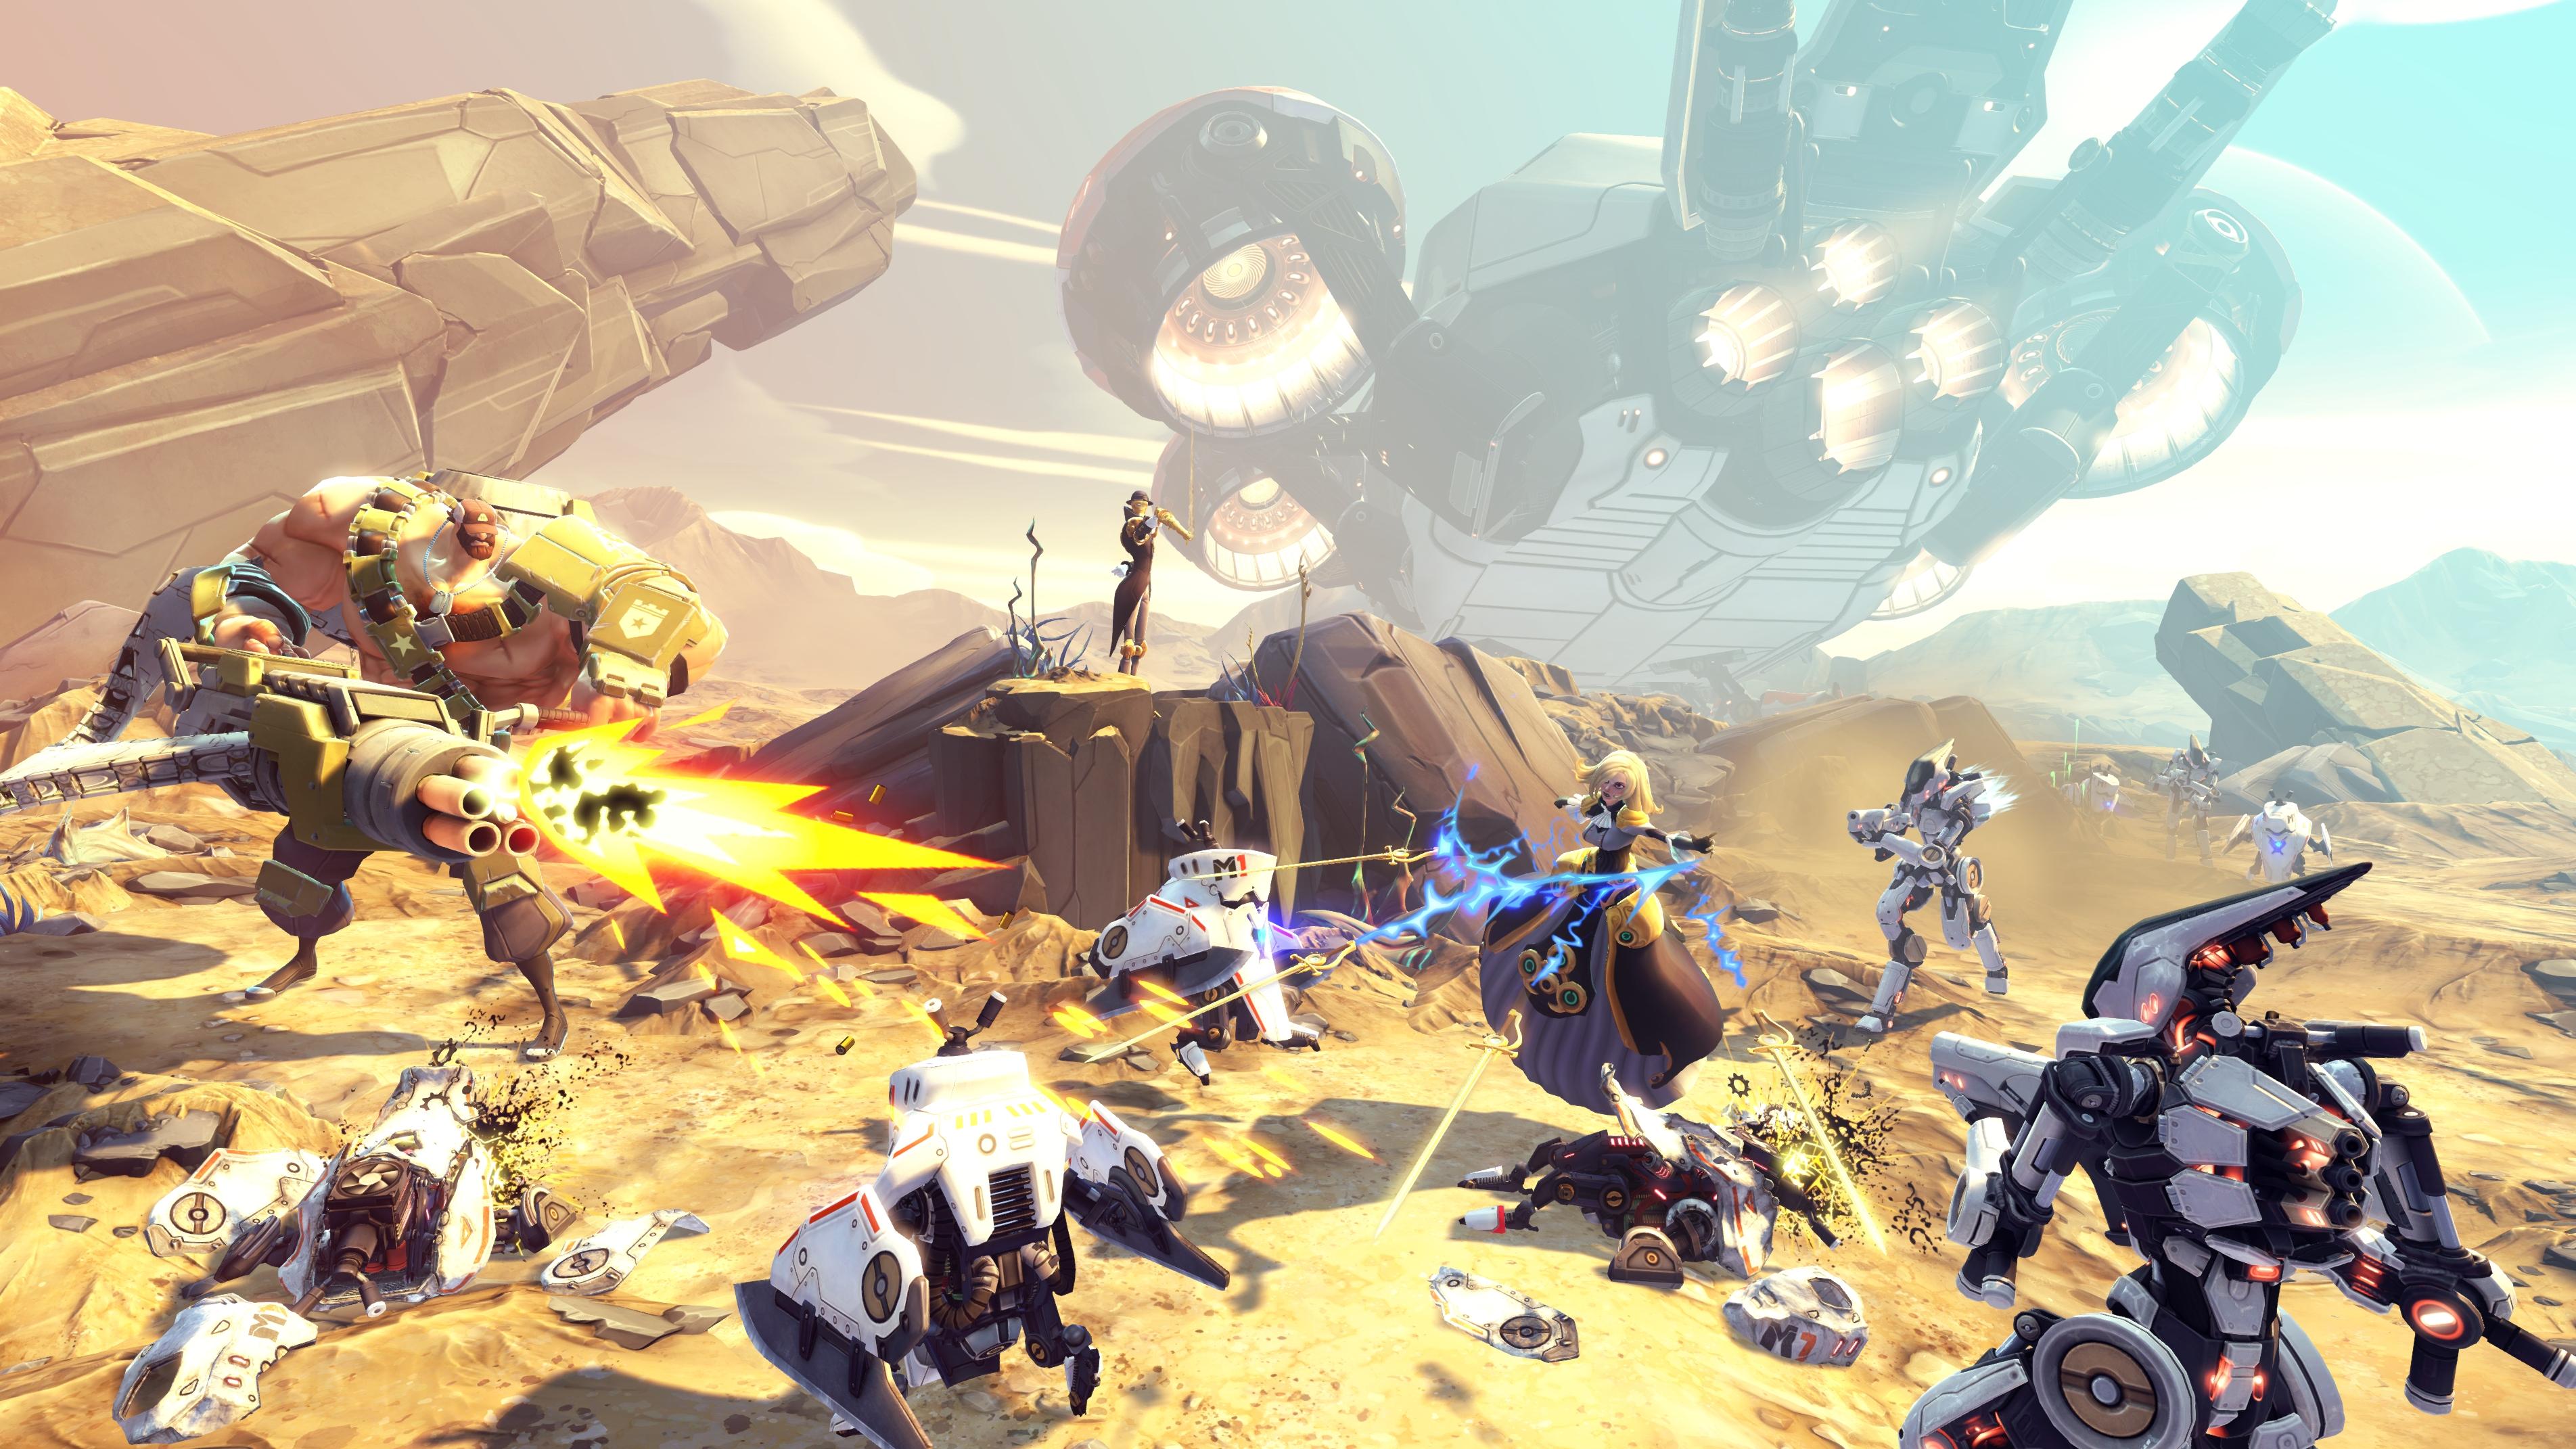 Auch der Multiplayer wird aufregende Schlachten bereithalten.